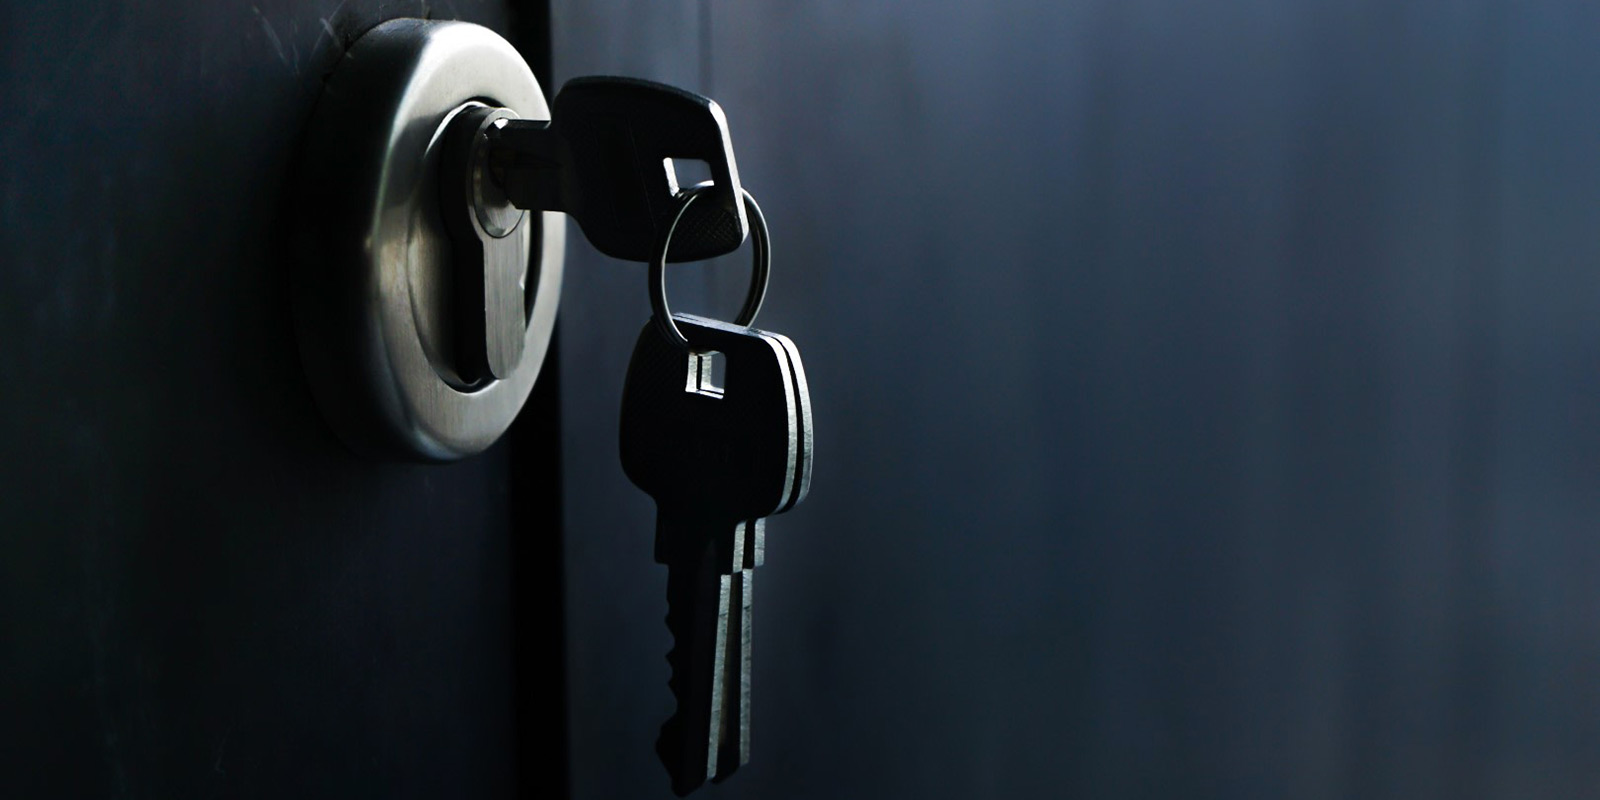 Jak schovat nemovitost před podvodníky, ale i exekucí? Pomůže zástavní právo nebo svěřenský fond